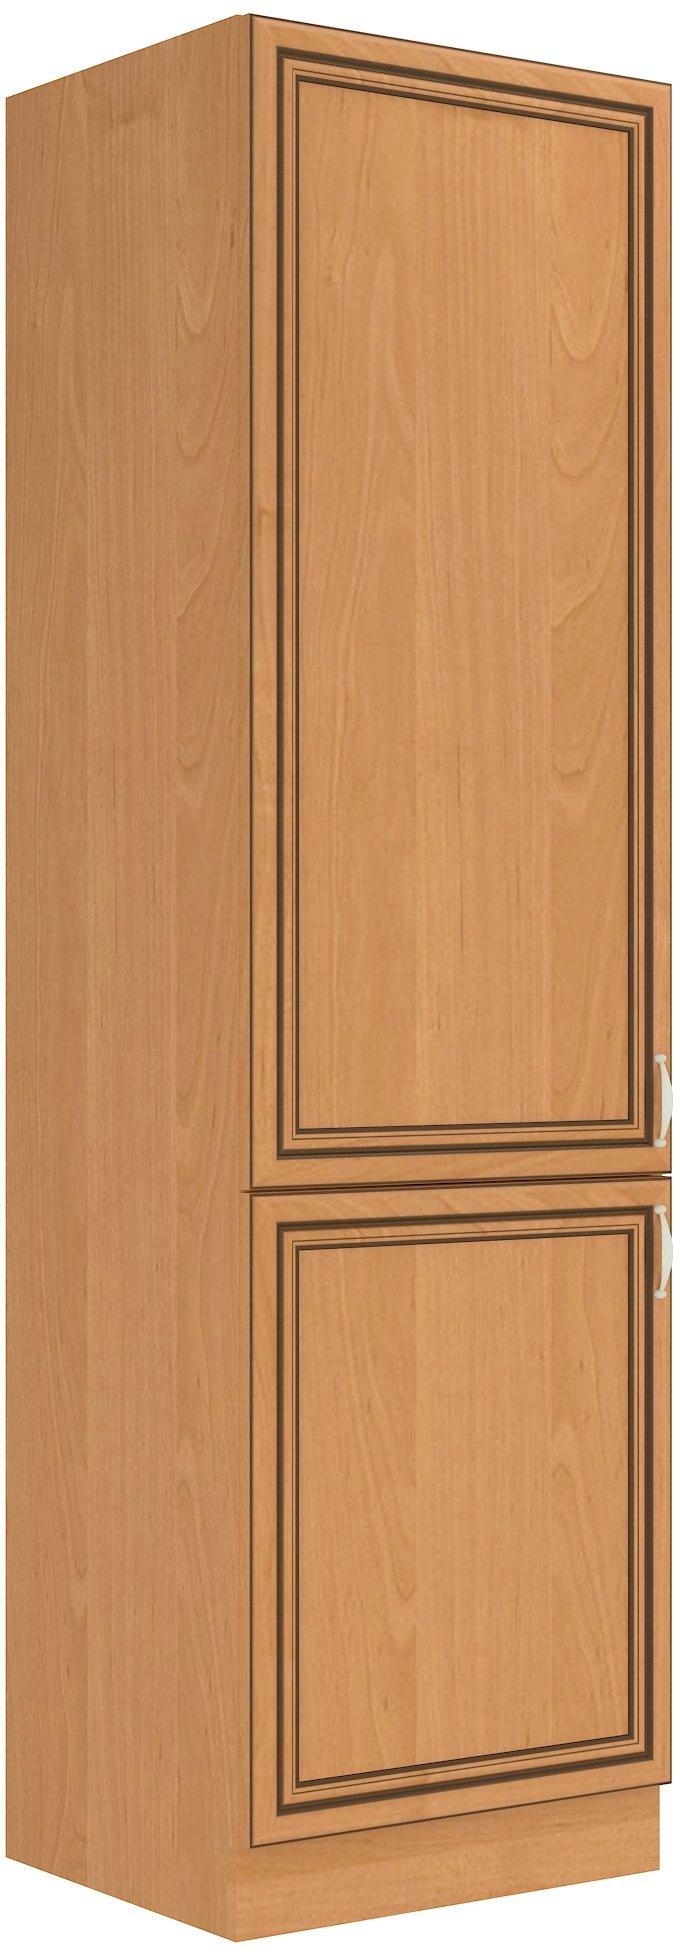 Επιδαπέδιο ντουλάπι ψηλό Barok 60 DK